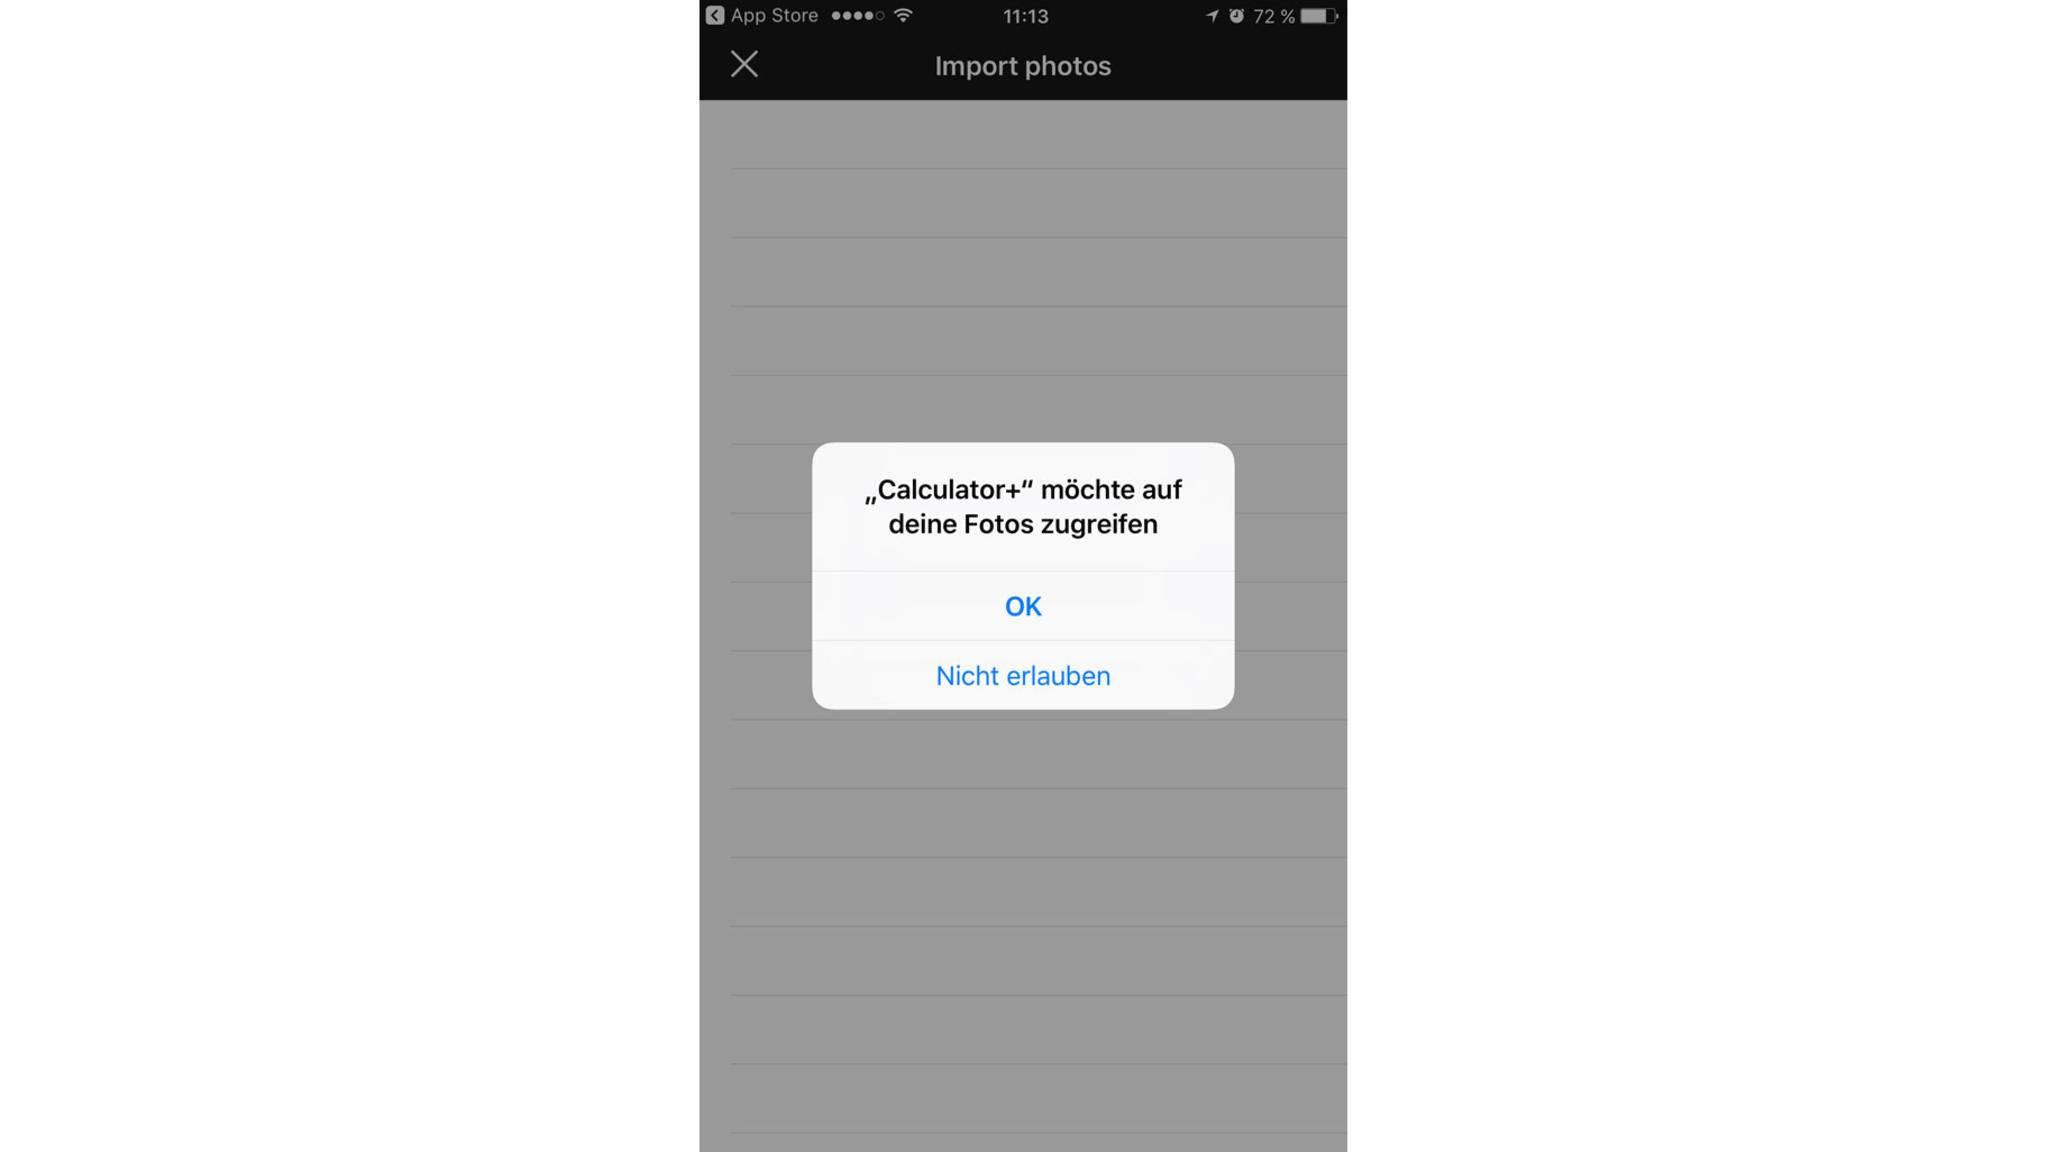 Die App benötigt natürlich Zugriff auf die Fotos-App.